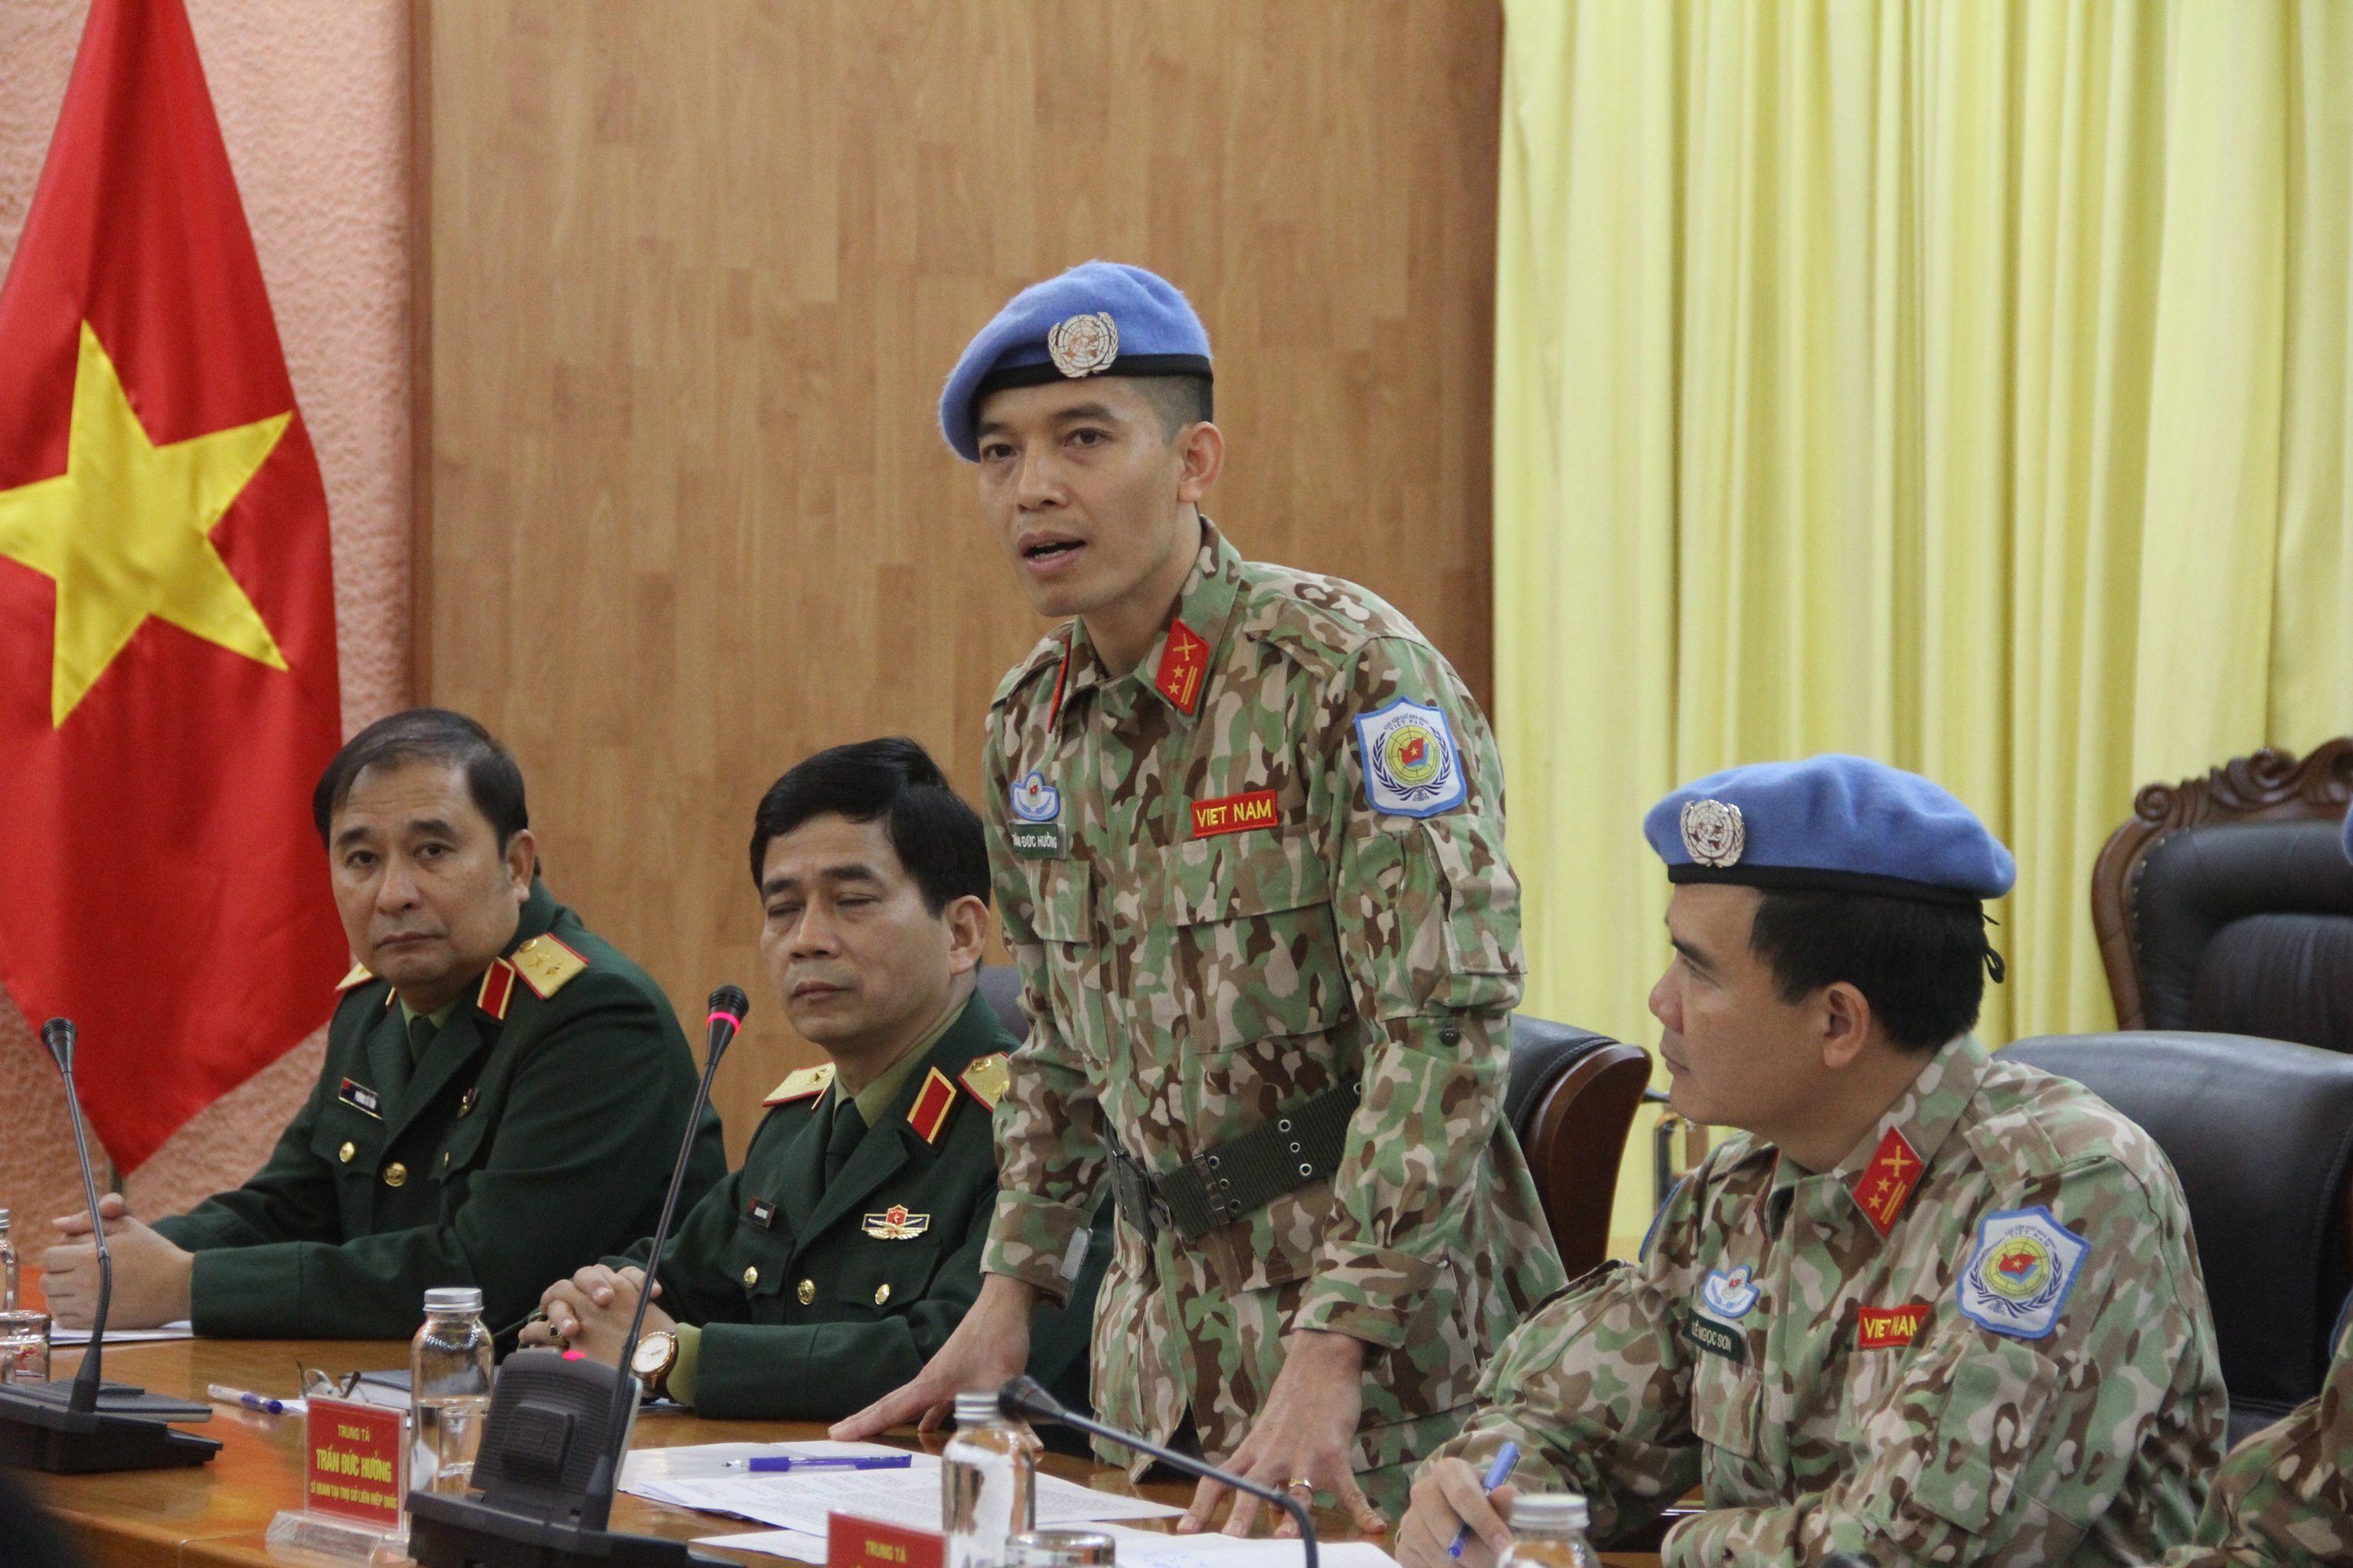 Trao quyết định của Chủ tịch nước cho sỹ quan làm việc tại trụ sở Liên hợp quốc